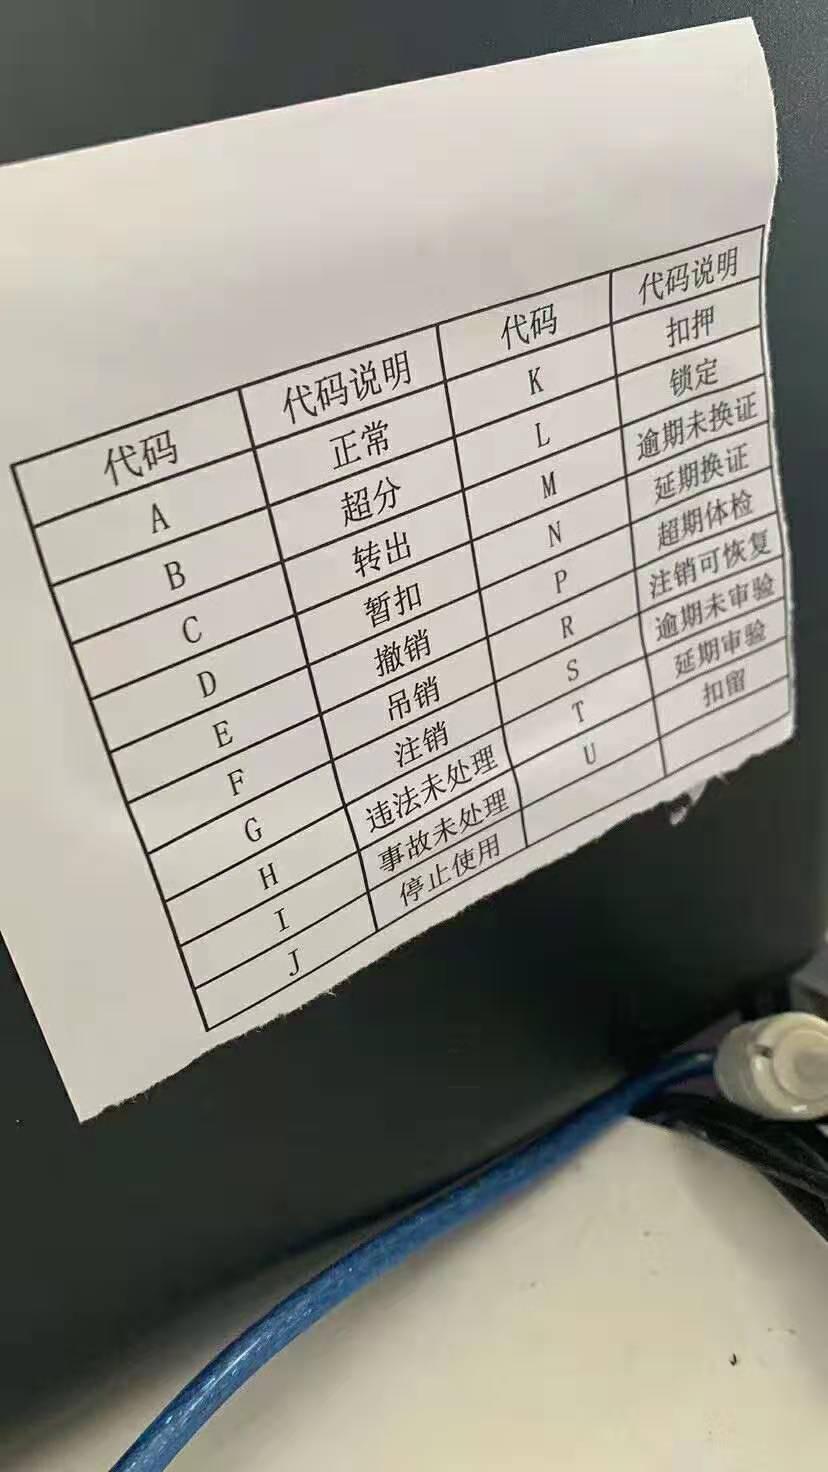 沪C上牌新规.jpg